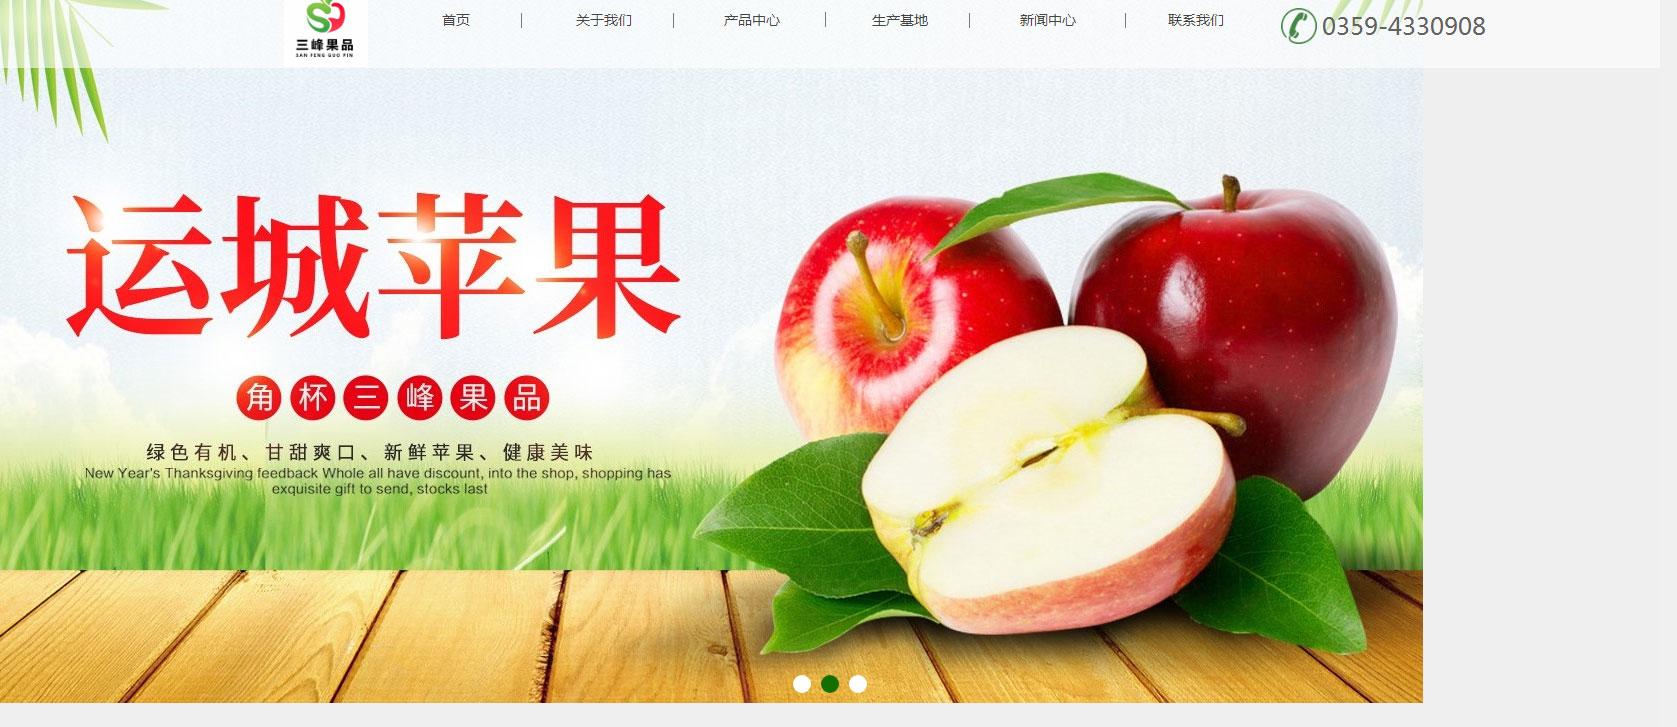 运城苹果商城_01.jpg